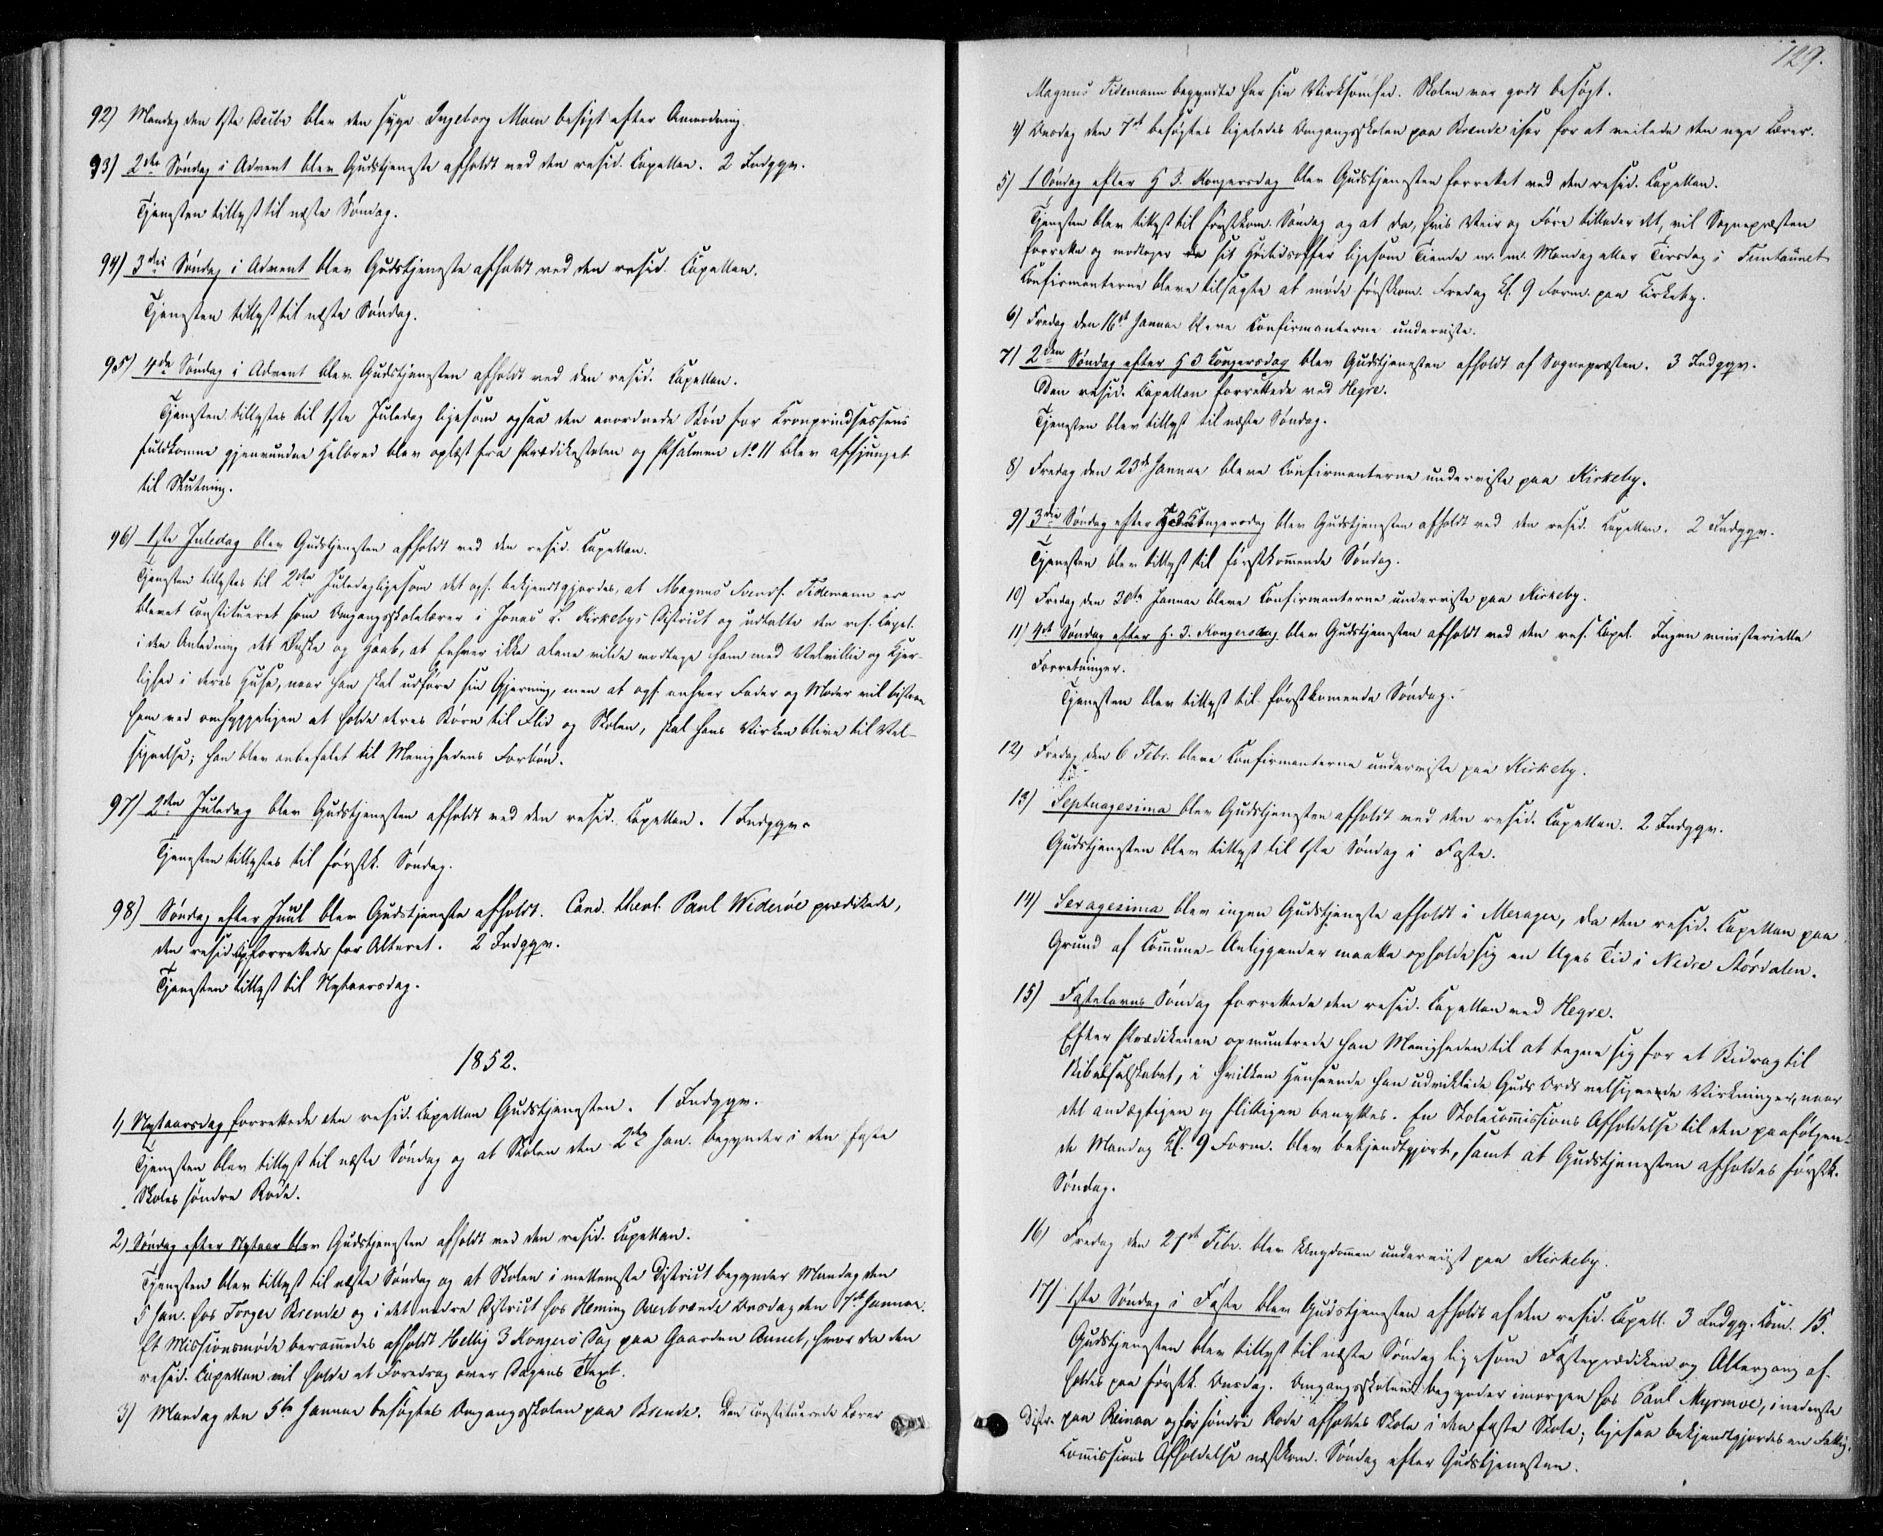 SAT, Ministerialprotokoller, klokkerbøker og fødselsregistre - Nord-Trøndelag, 706/L0040: Parish register (official) no. 706A01, 1850-1861, p. 129